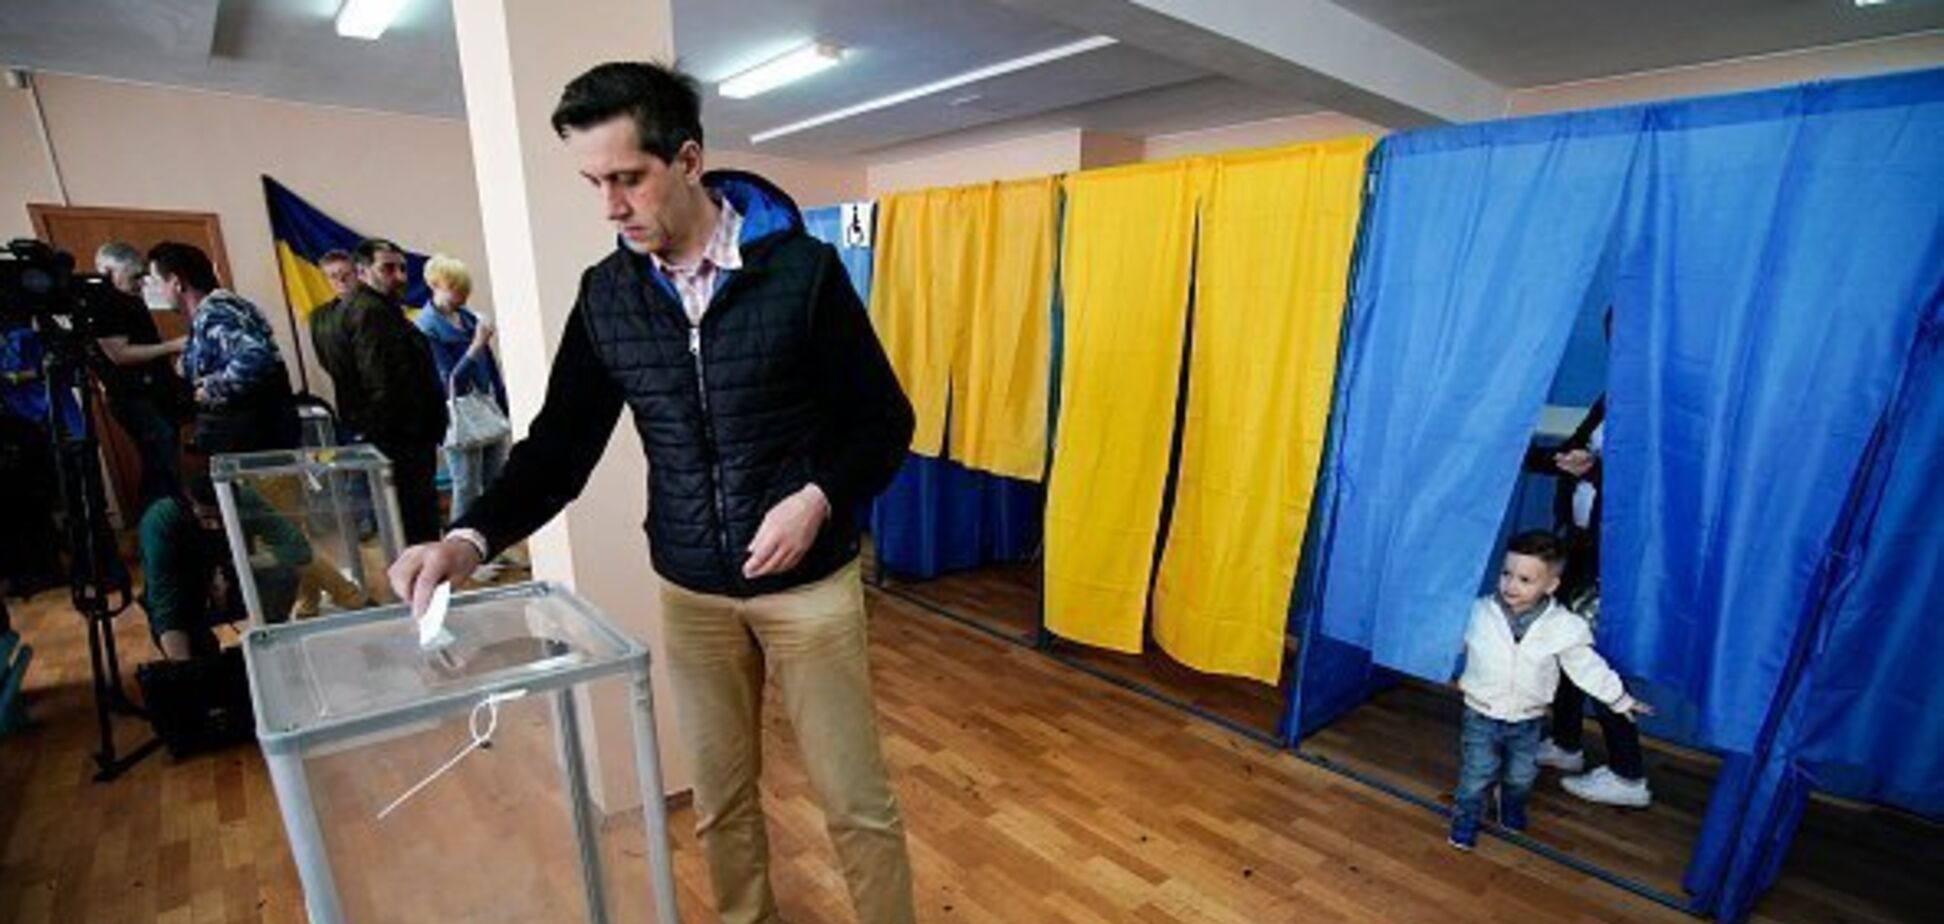 Результати виборів: ЦВК прийняла всі протоколи